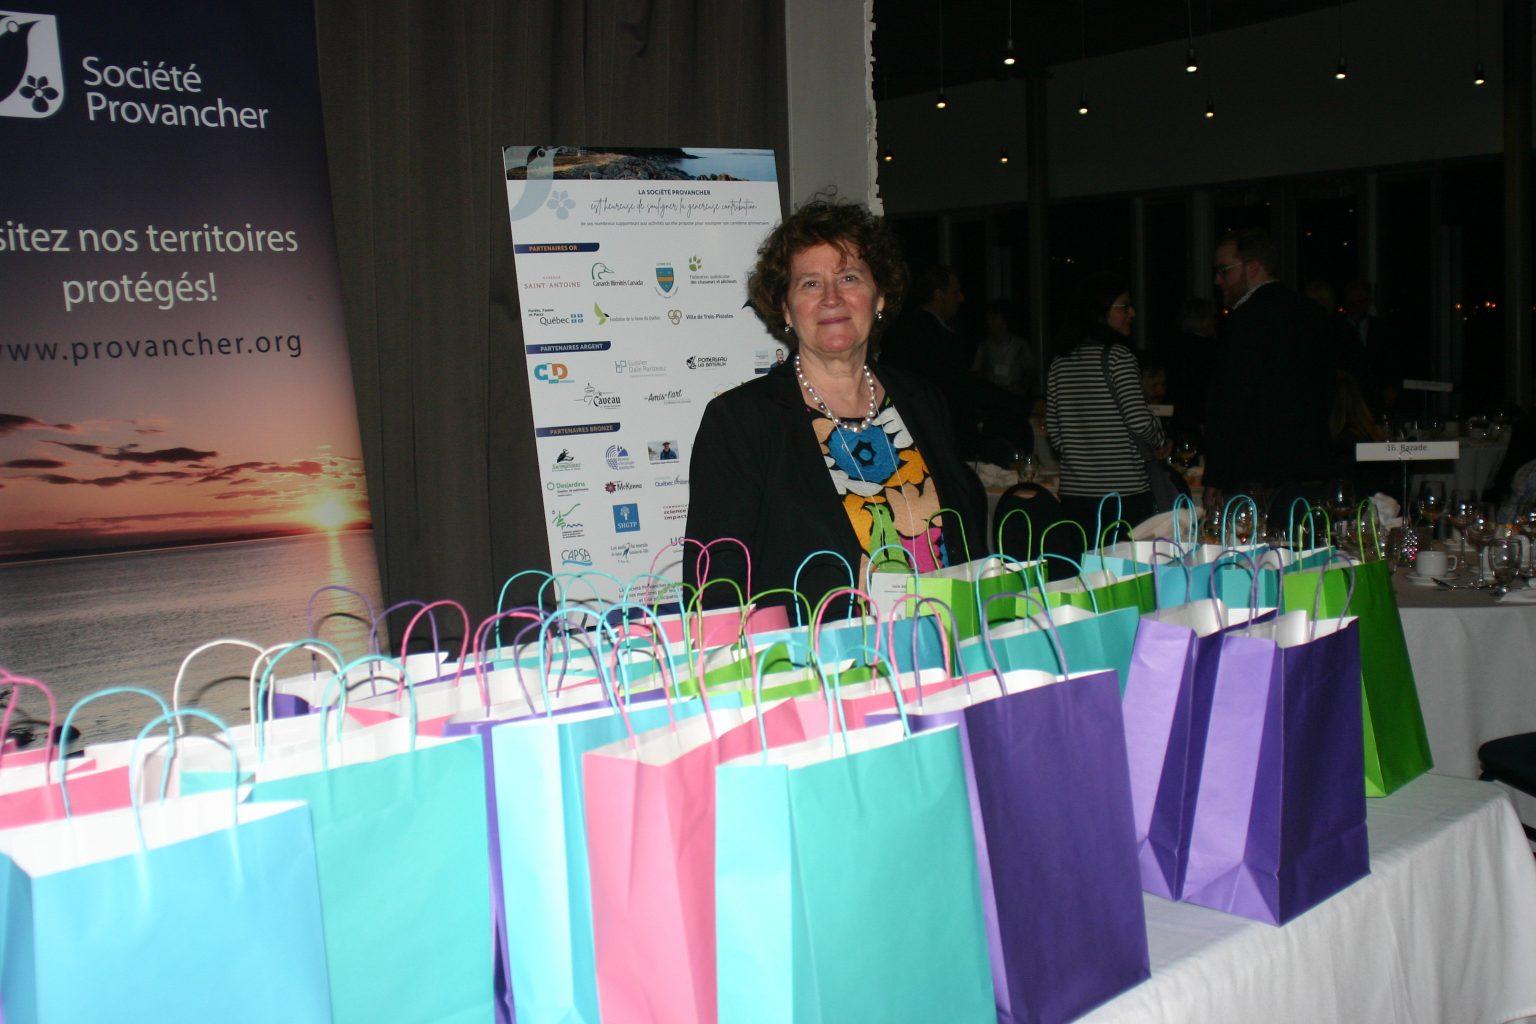 Mme Lucie Aubin, responsable des prix remis aux bénévoles. Photo: Marianne Kugler.